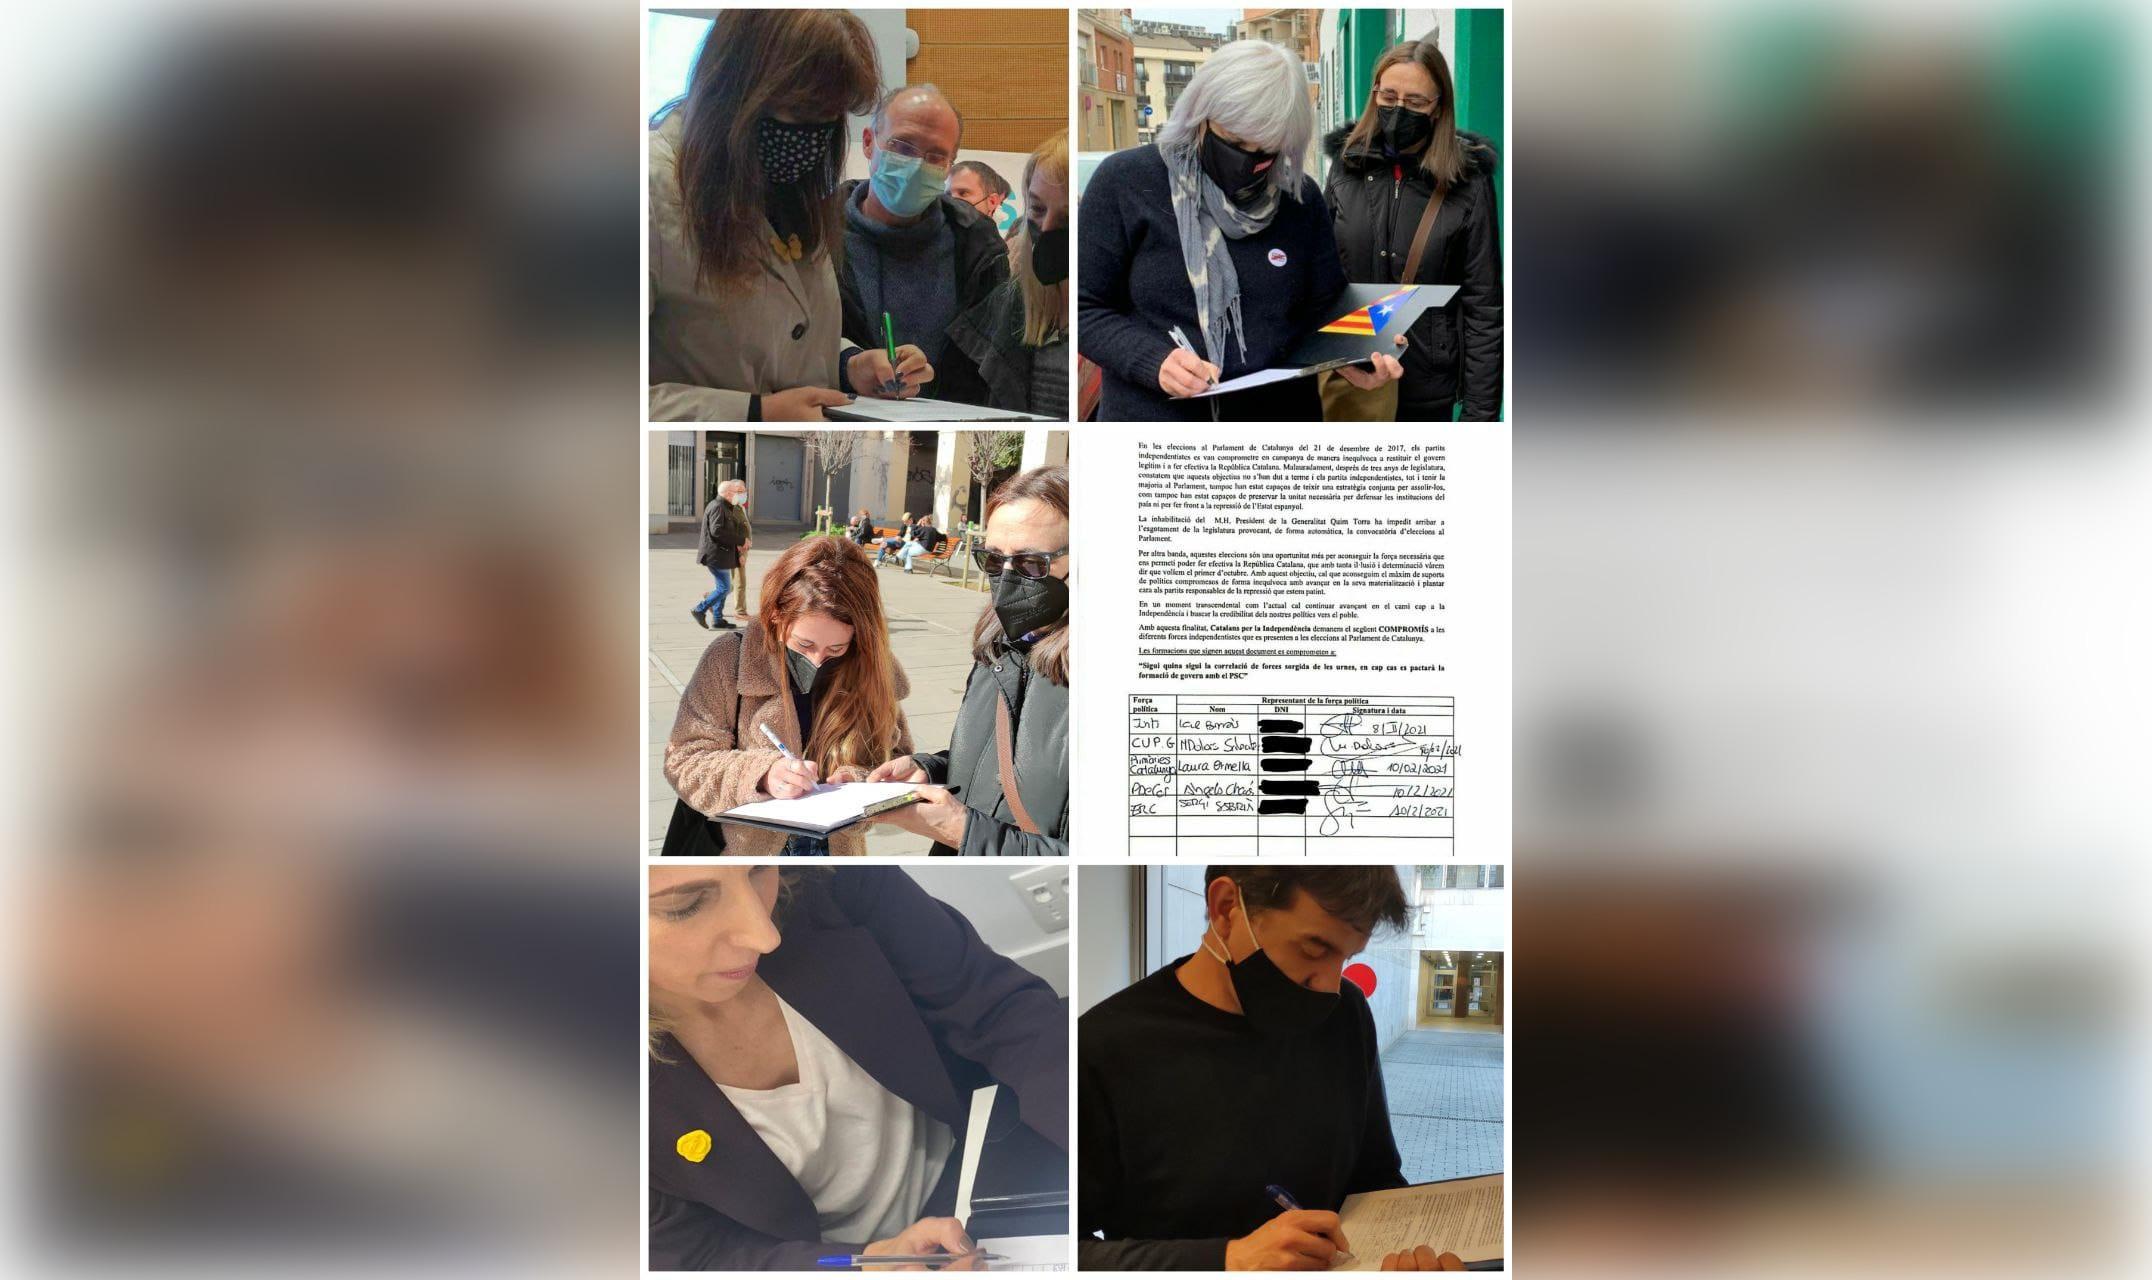 Representants dels partits independentistes firmant que no pactaran amb el PSC / Catalans per la Independència